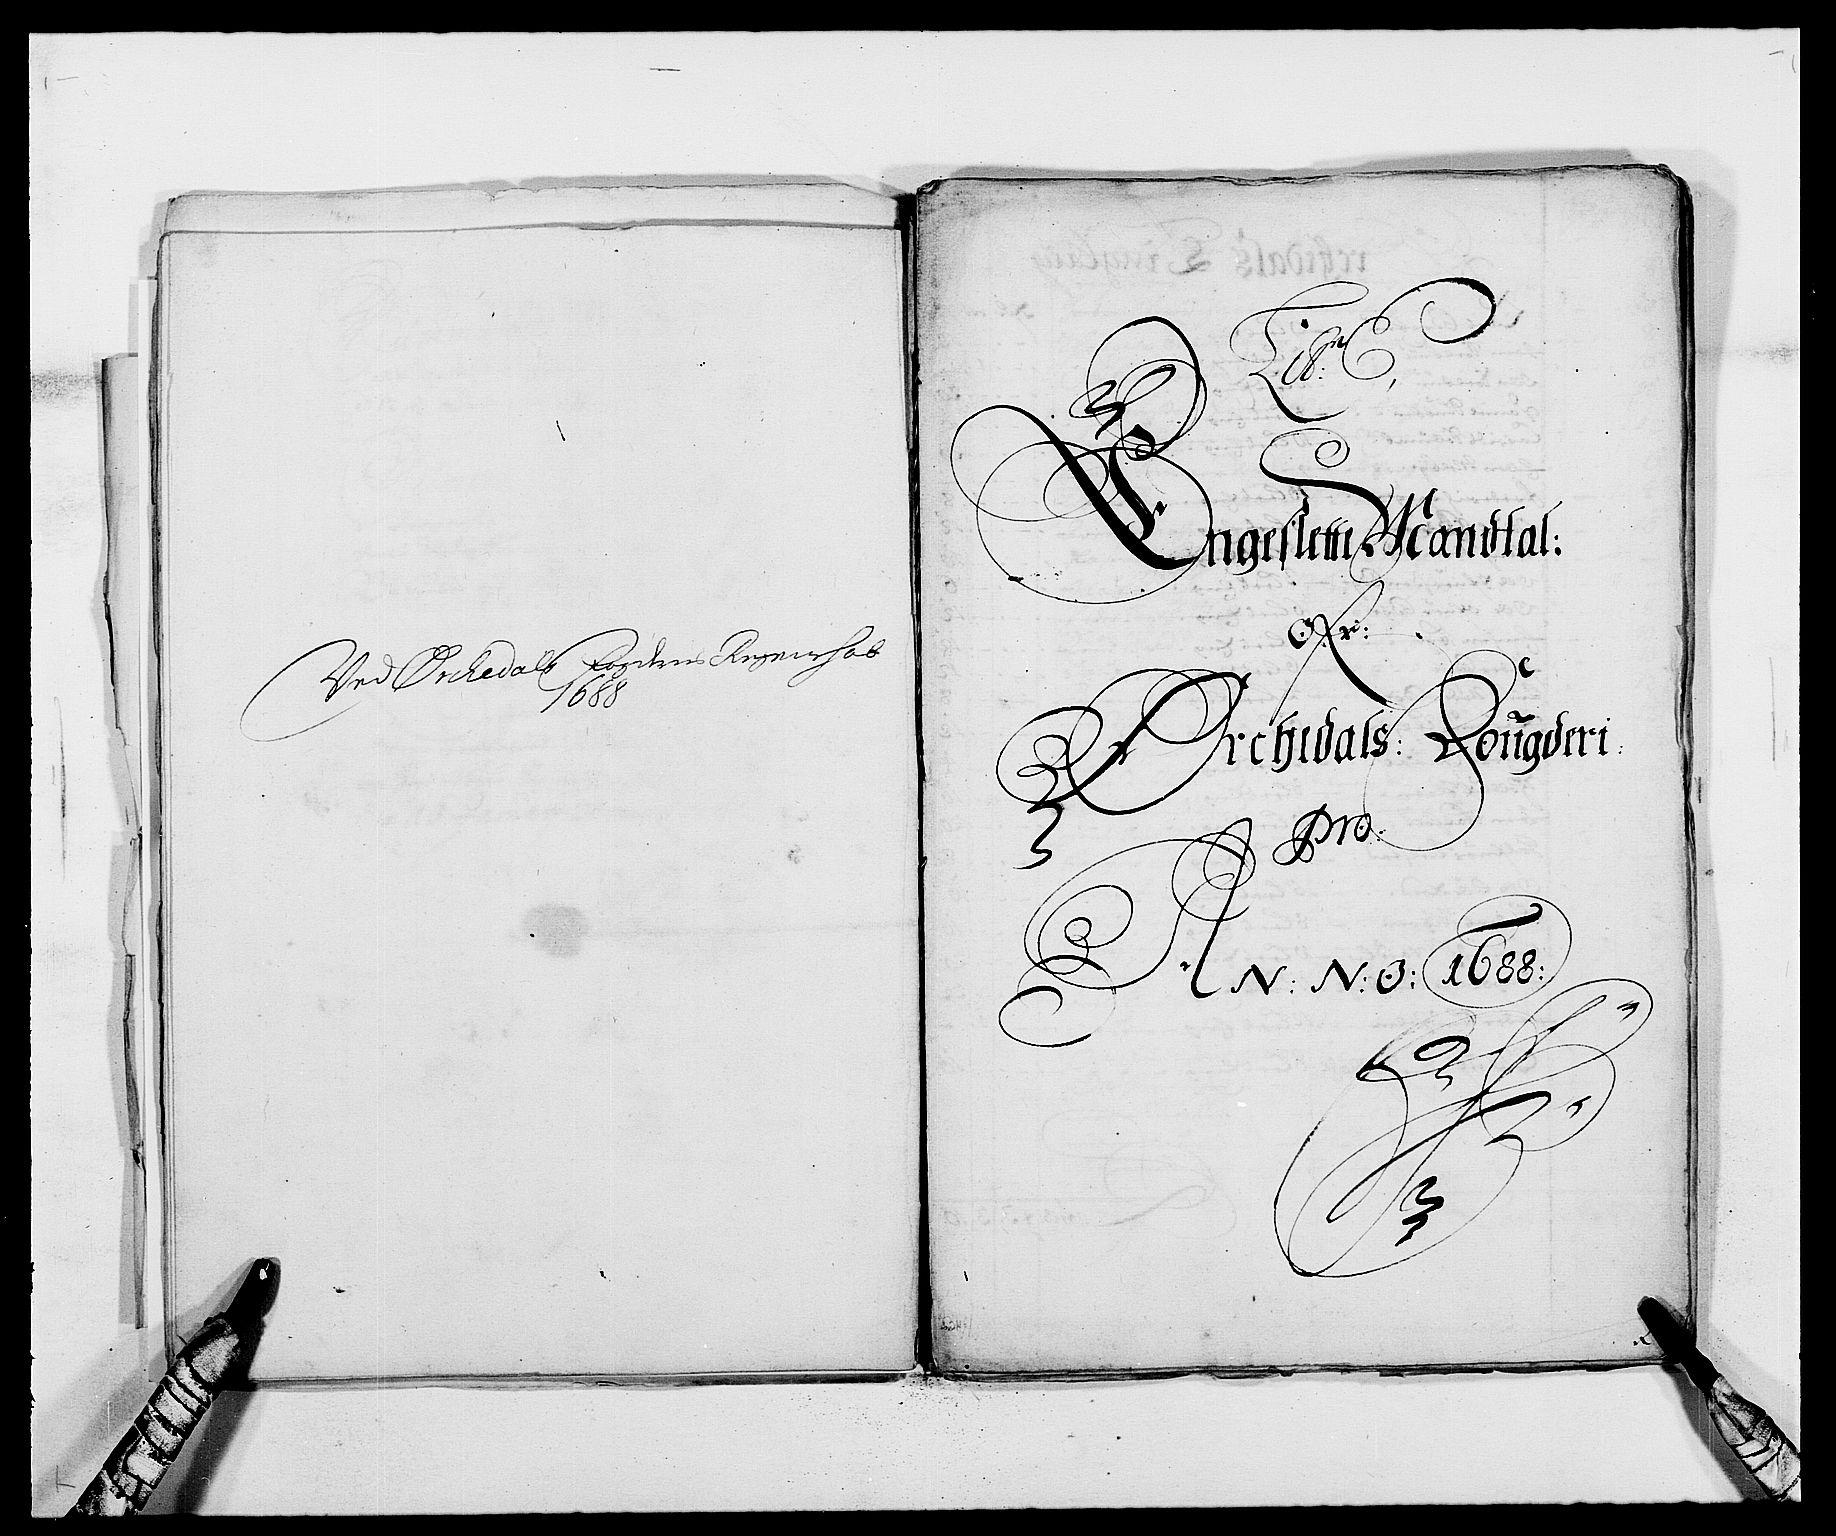 RA, Rentekammeret inntil 1814, Reviderte regnskaper, Fogderegnskap, R58/L3935: Fogderegnskap Orkdal, 1687-1688, s. 269